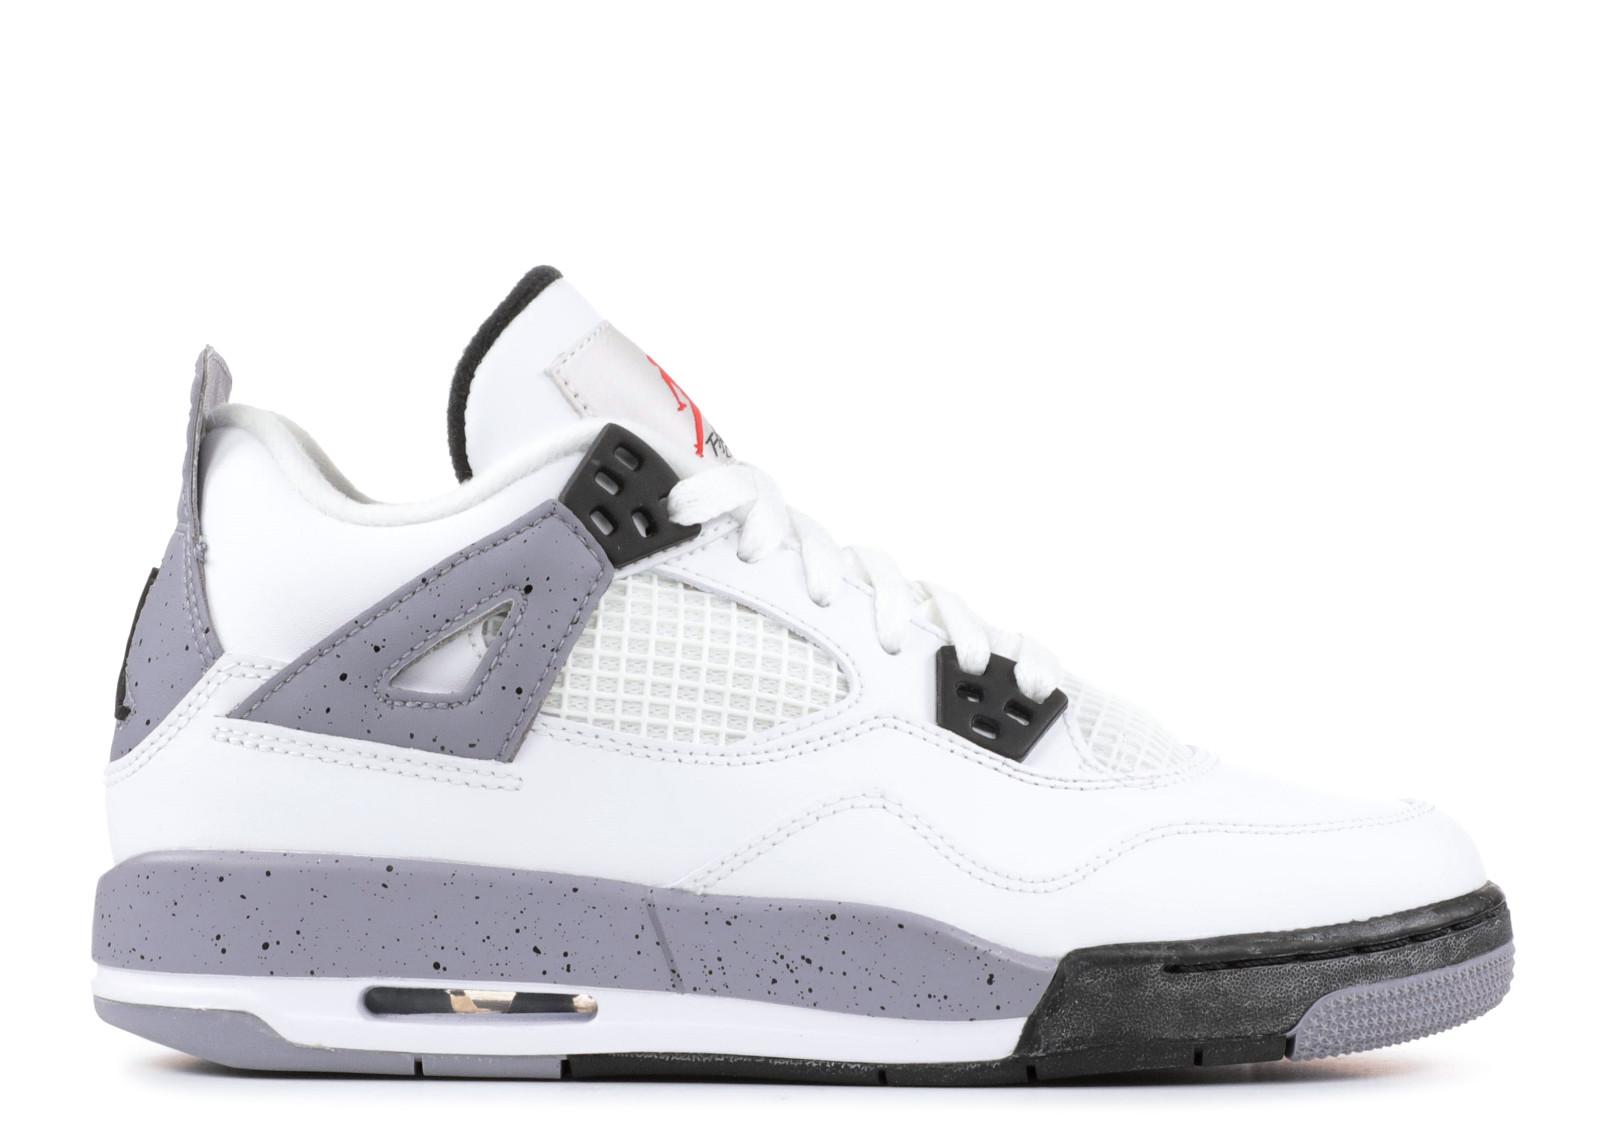 エアー ジョーダン レトロ GRAY灰色 グレイ メンズ 男性用 メンズ靴 スニーカー 靴 【 AIR JORDAN GREY 4 RETRO GS 2012 RELEASE WHITE BLACKCEMENT 】